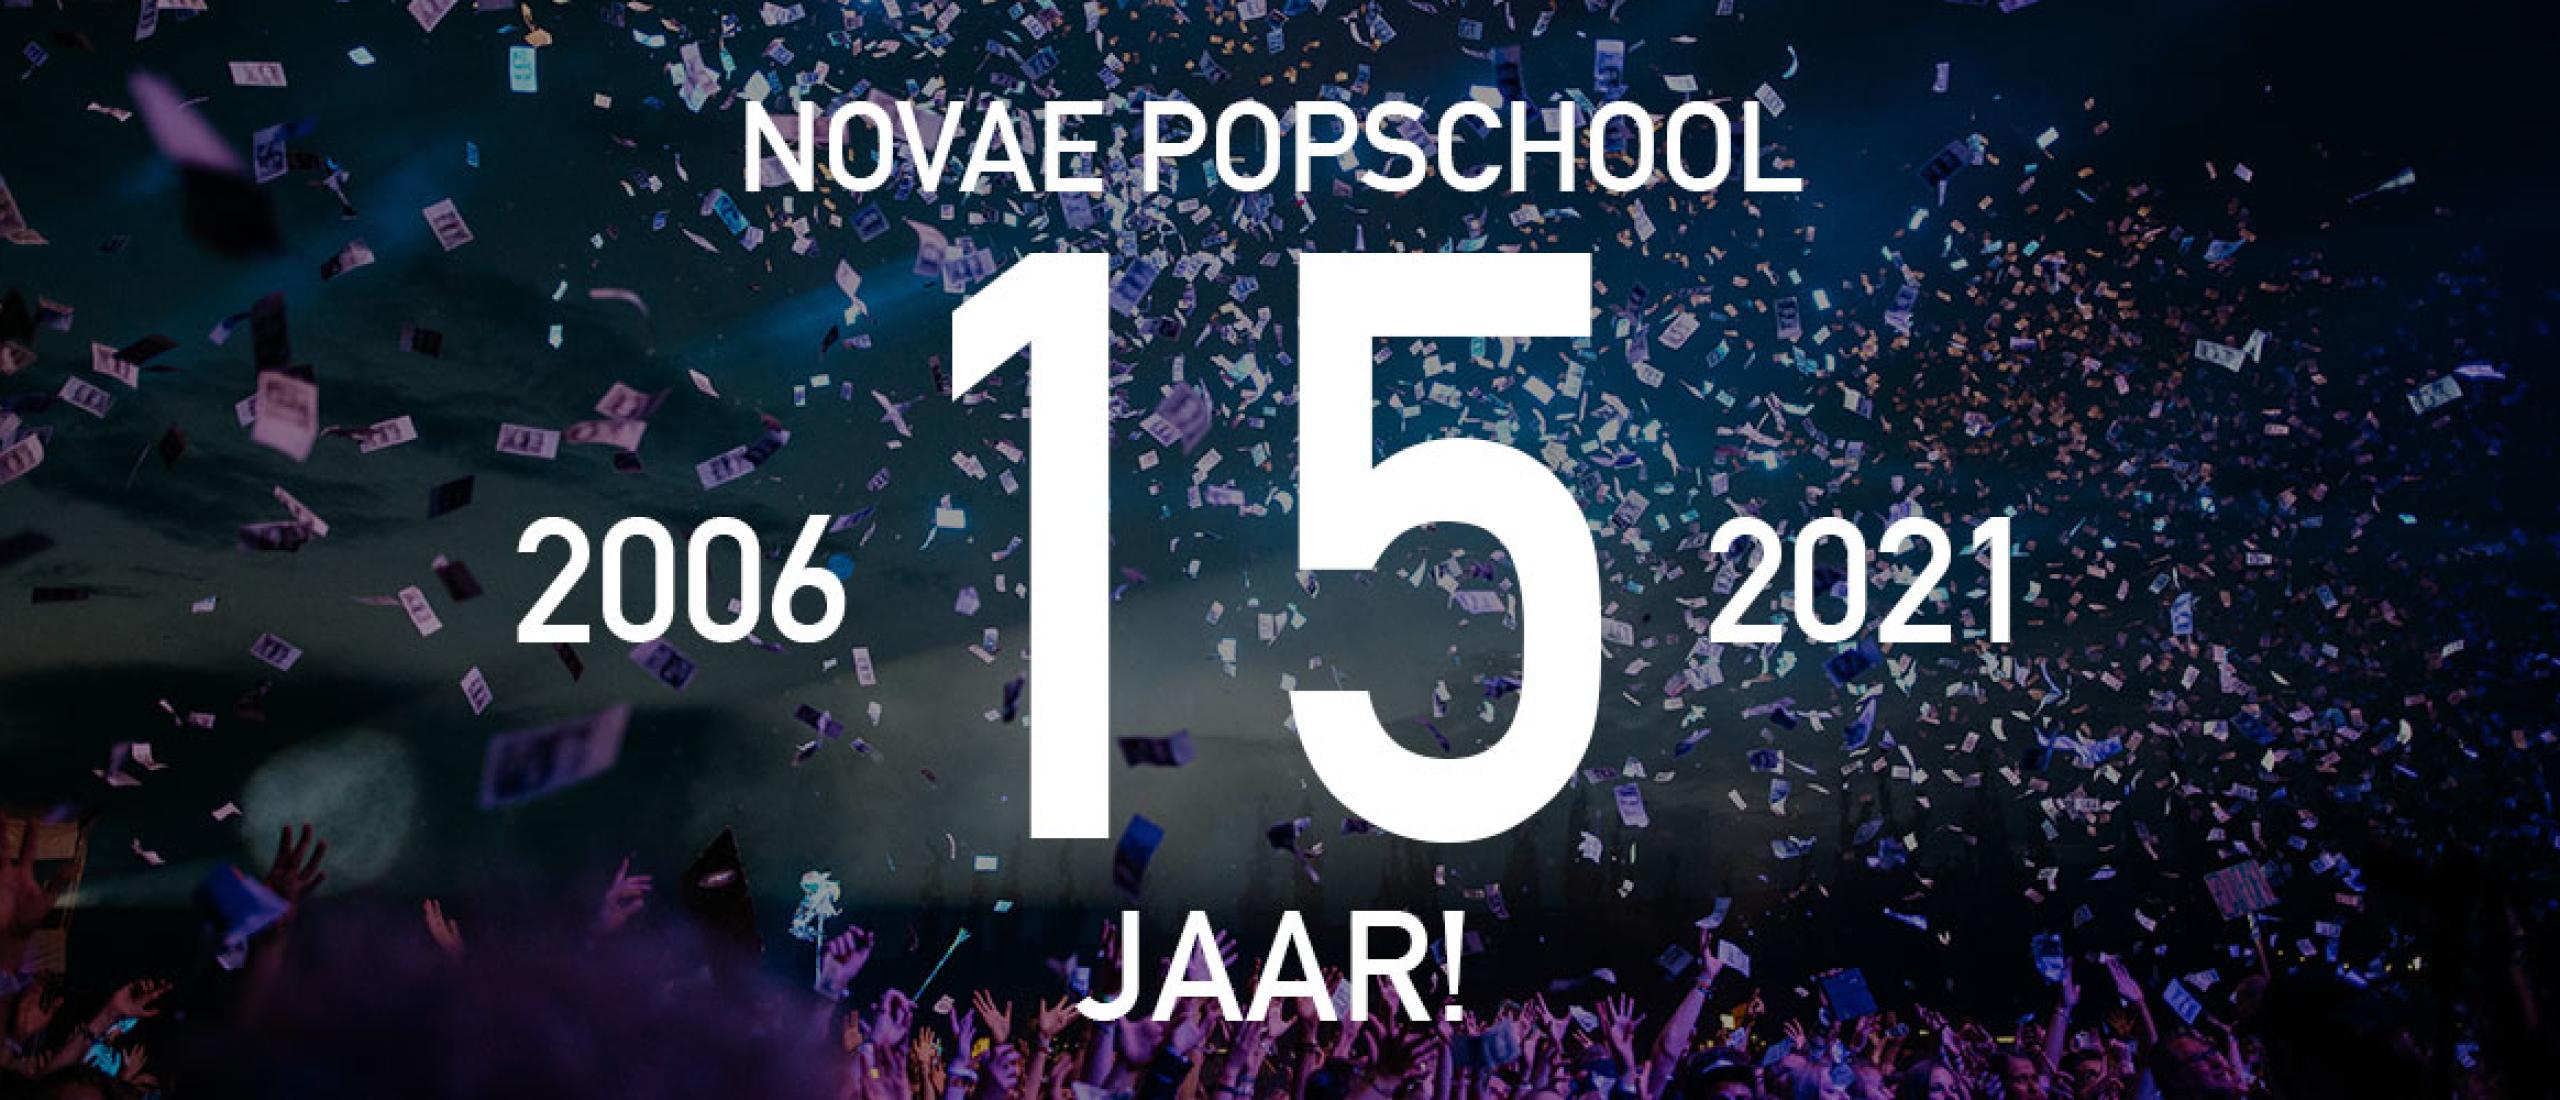 Novae Popschool viert het 15 jarig jubileum!